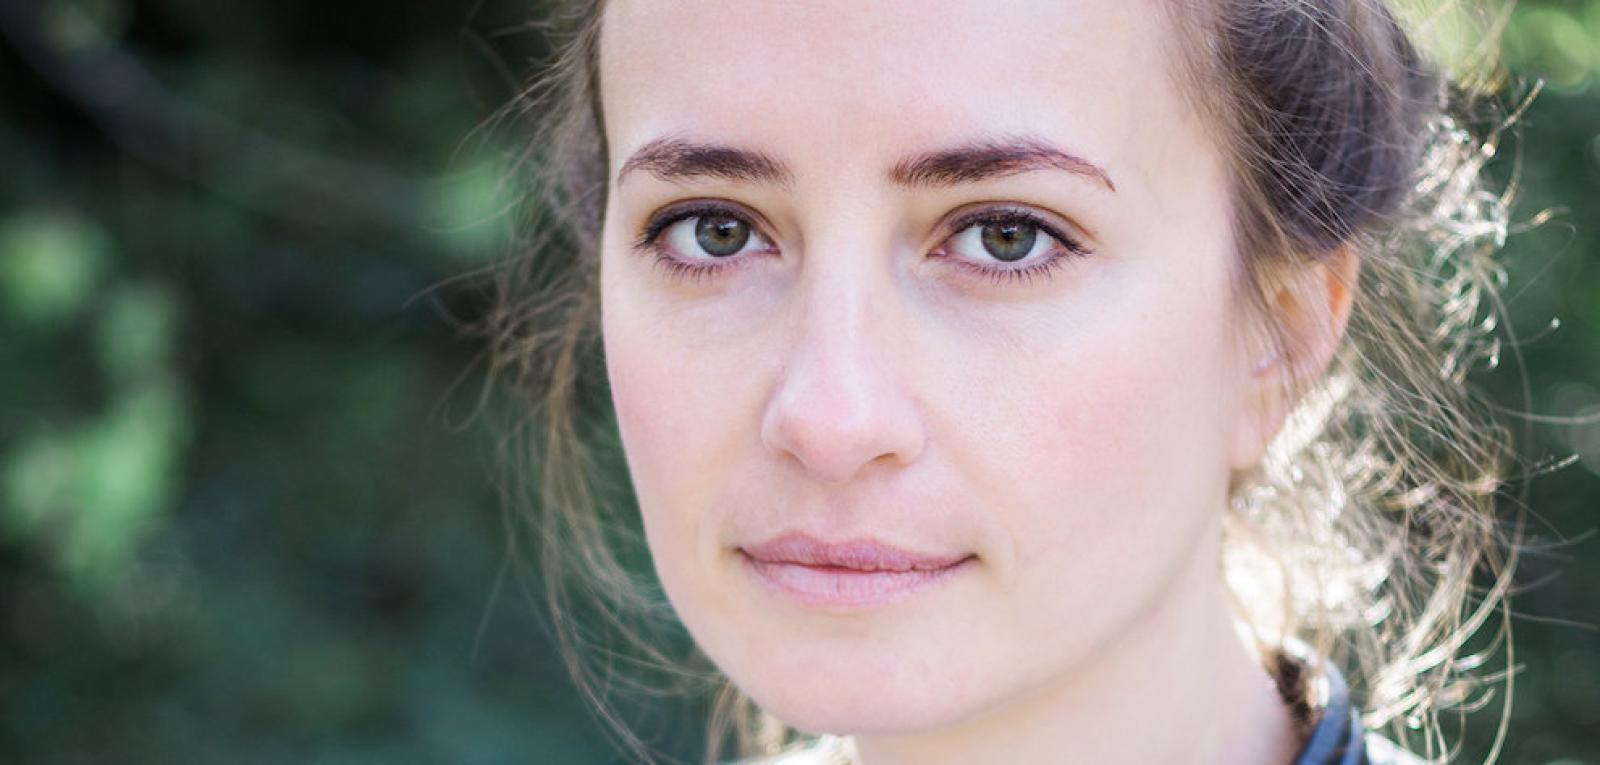 Das Gesicht einer weißen Frau mit grünen Augen und braunen Haaren schaut sanft in die Kamera. Es ist Anika Landsteiner.